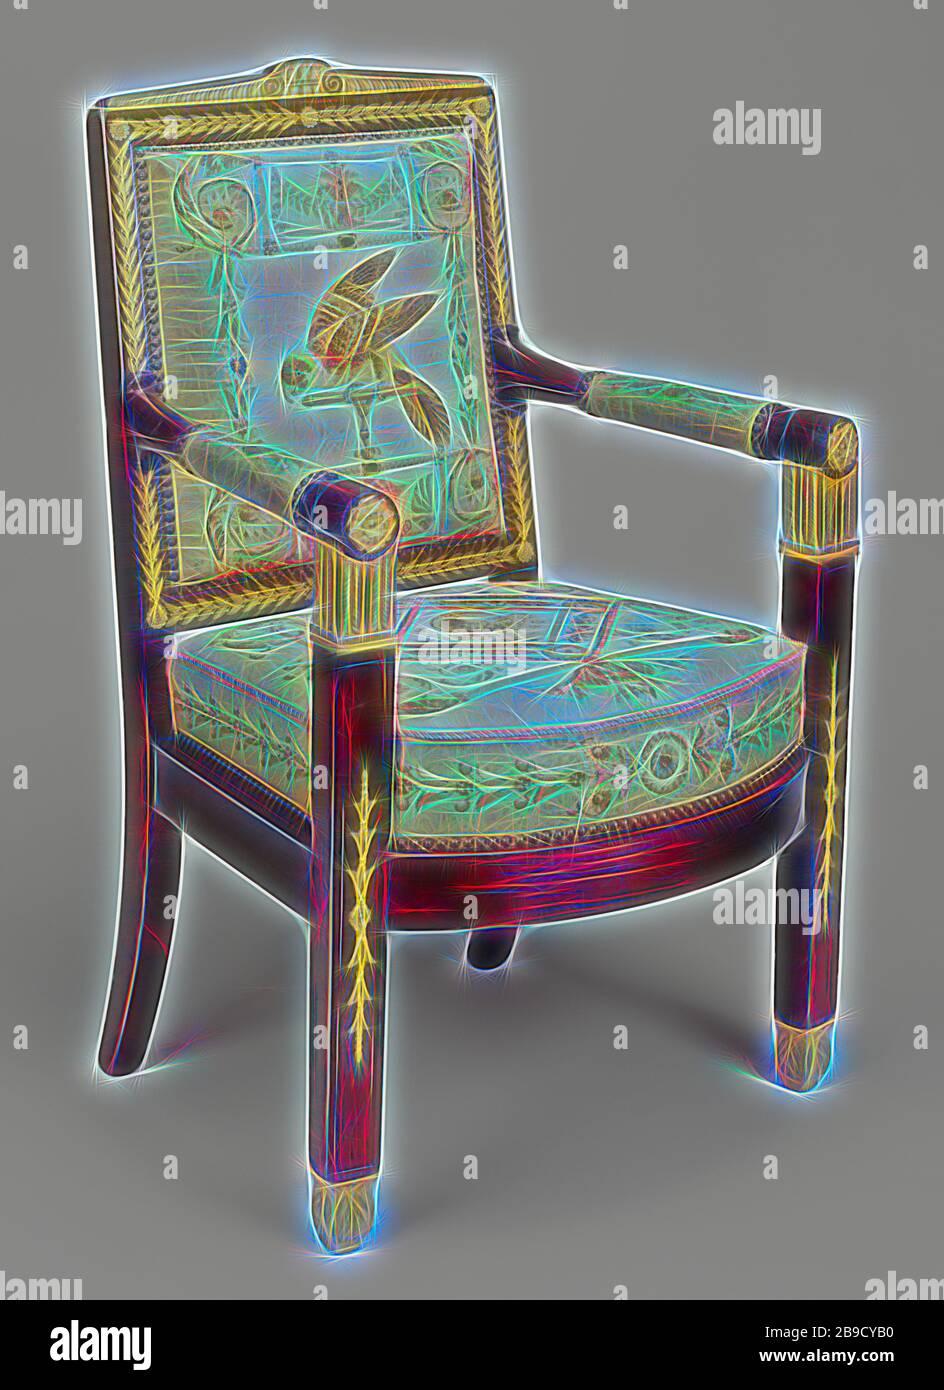 Un fauteuil, cadres attribués à François-Honoré-Georges Jacob-Desmalter (français, 1770 - 1841), tapisseries de la manufacture de Beauvais (français, fondée 1664), Beauvais, France, vers 1810, acajou et hêtre, montures de bronze doré, tapisserie de soie et de laine, 100,6 x 63,5 x 48,3 cm (5,39 x 25 x 19 x 20 x 20 x 19 x conception d'un brillant chaleureux et joyeux de la luminosité et des rayons de lumière radiance. L'art classique réinventé avec une touche moderne. La photographie inspirée du futurisme, qui embrasse l'énergie dynamique de la technologie moderne, du mouvement, de la vitesse et révolutionne la culture. Banque D'Images